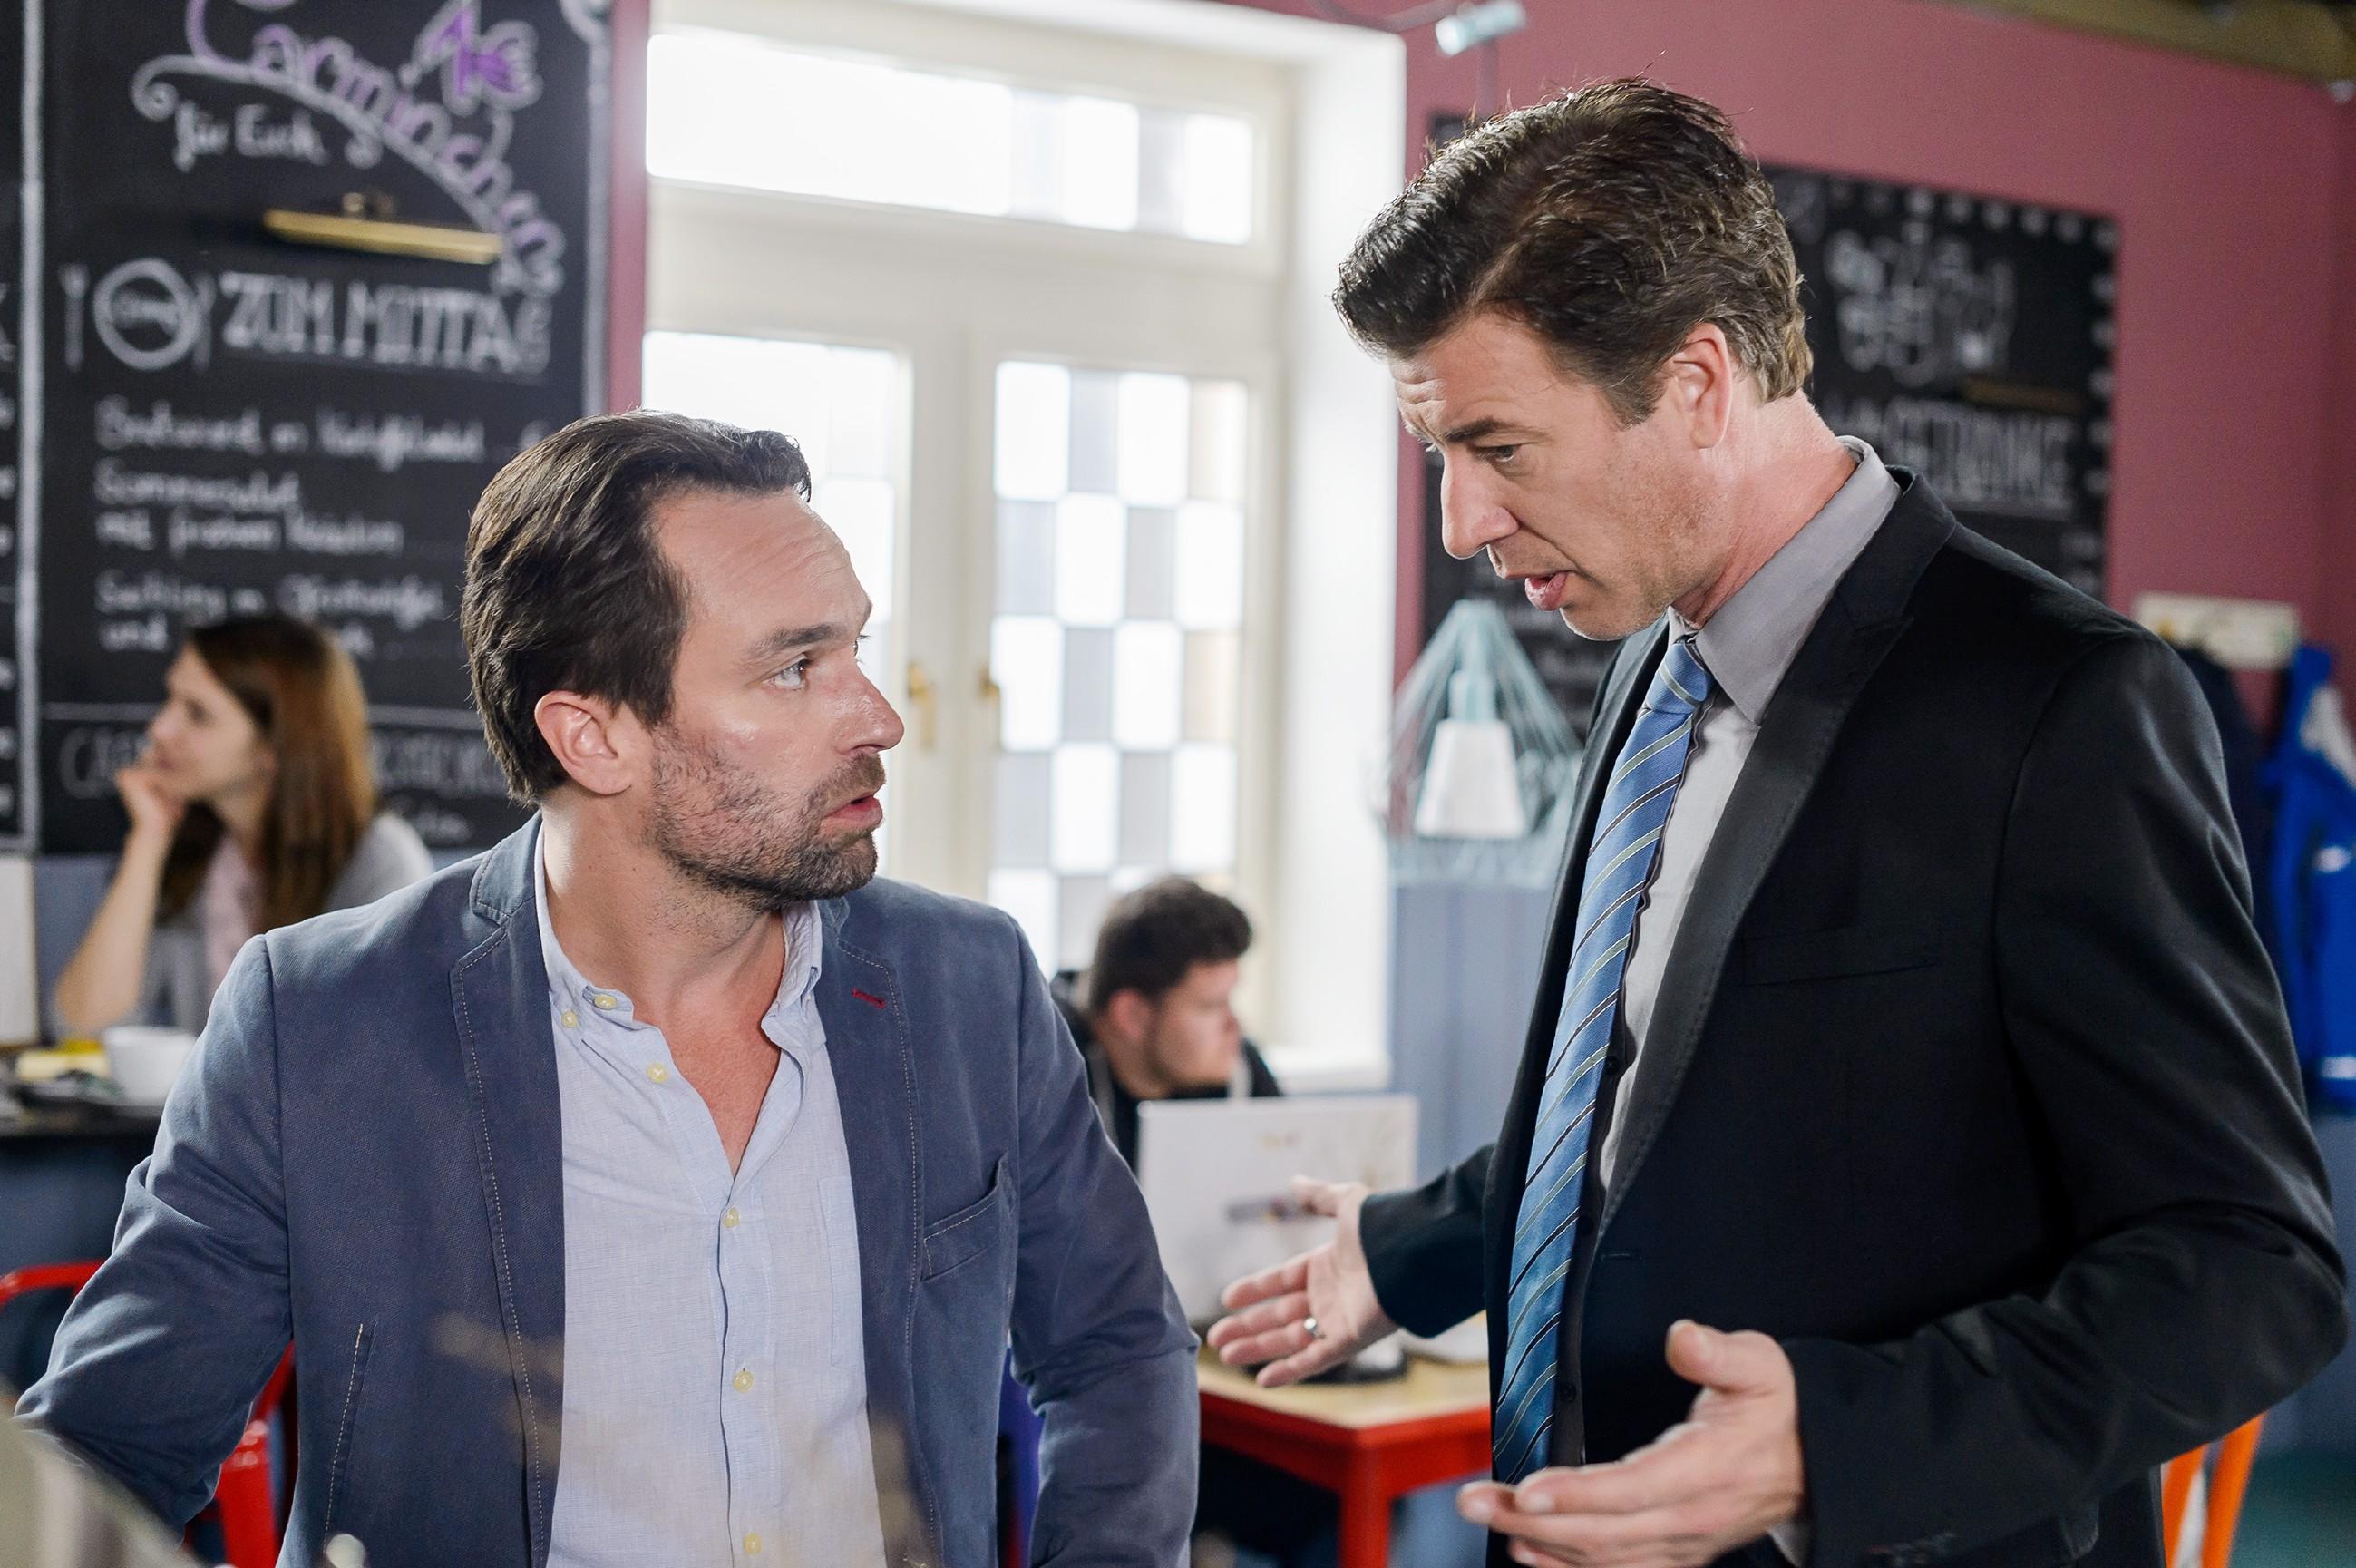 Als auch Christoph (Lars Korten) sich von ihm verabschiedet, ist Thomas (Daniel Brockhaus, l.) enttäuscht, dass sich scheinbar niemand für seinen Abschied interessiert. (Quelle: RTL / Willi Weber)